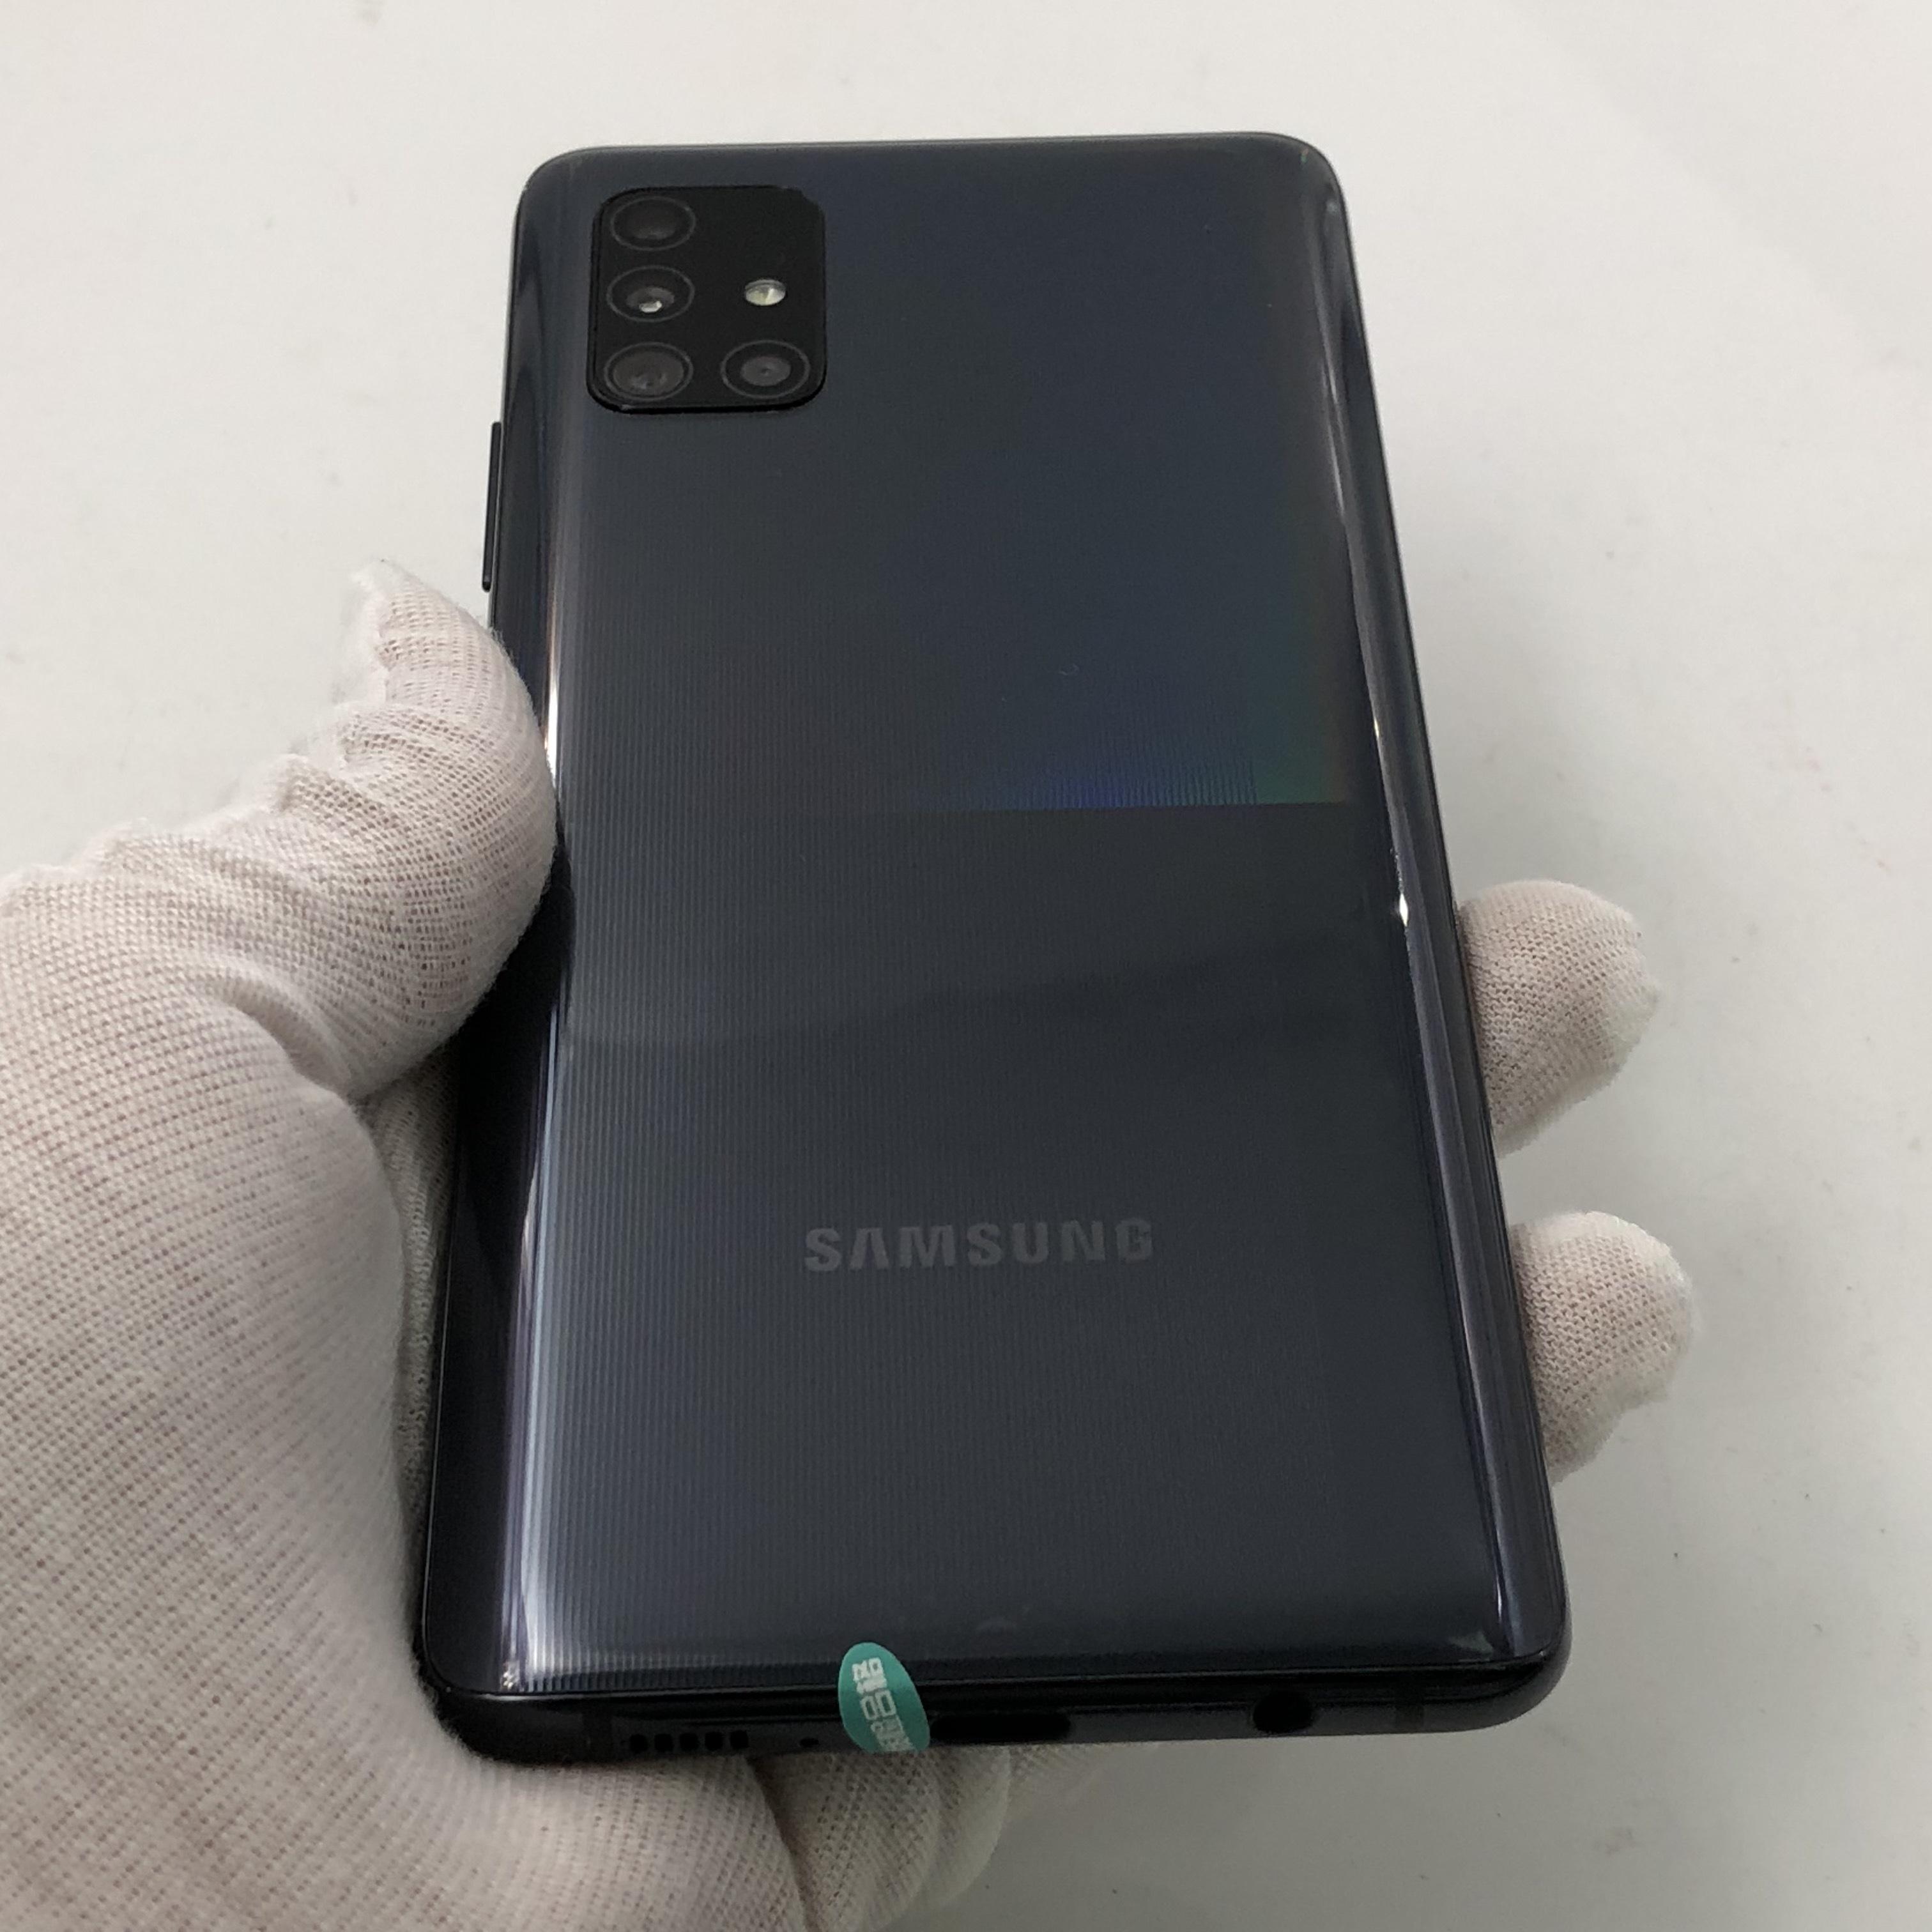 三星【Galaxy A51 5G】5G全网通 迷踪黑 8G/128G 国行 95新